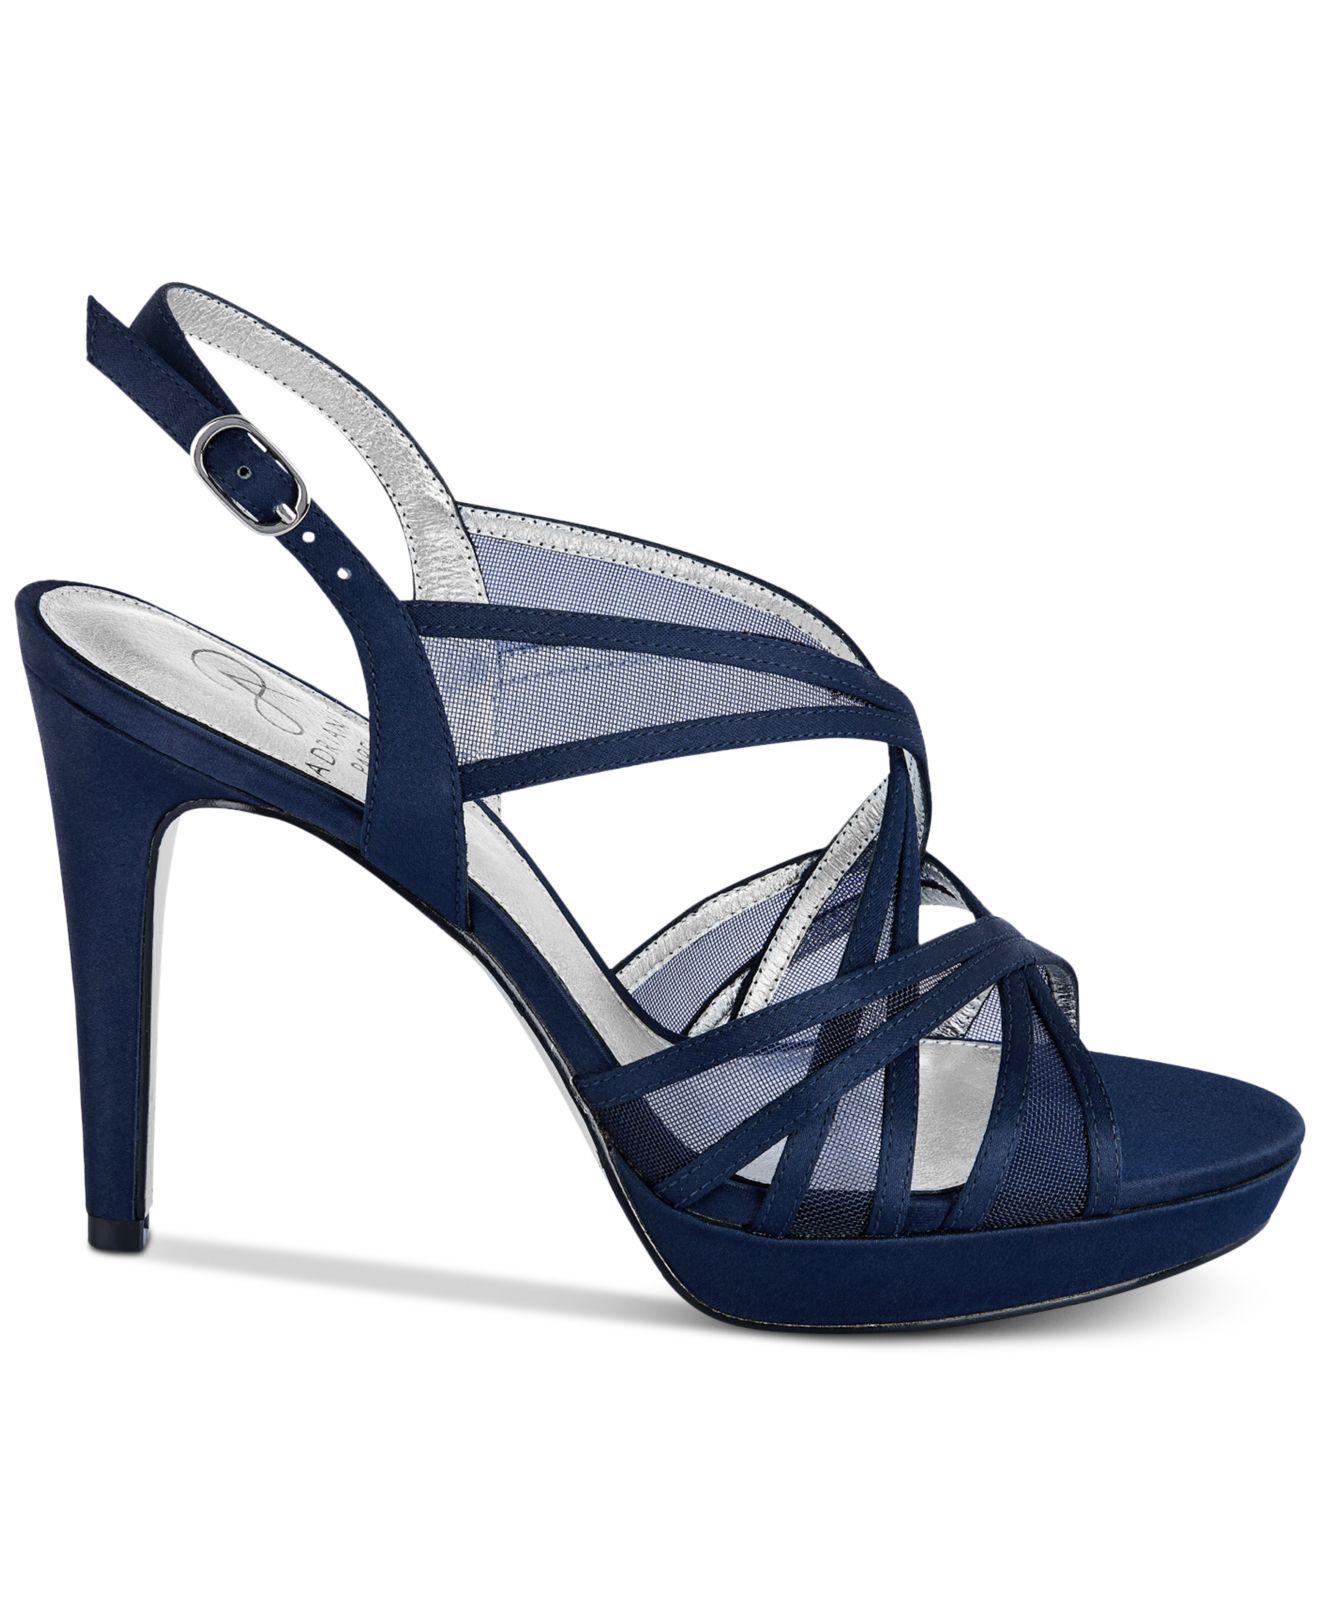 2c1abe1da33 Lyst - Adrianna Papell Adri Platform Strappy Sandals in Blue - Save 55%